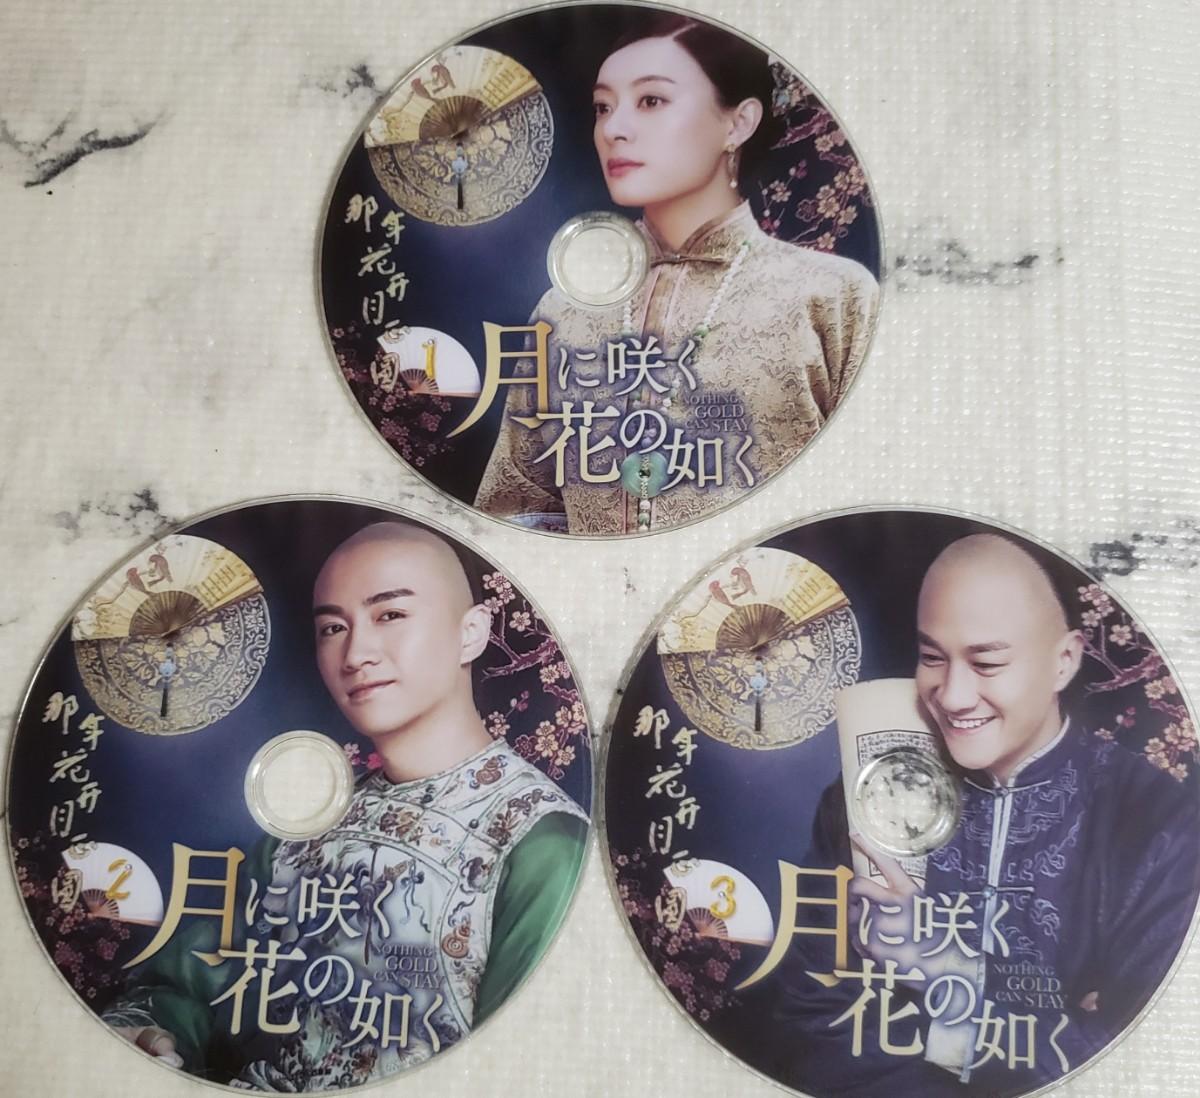 中国ドラマ 月に咲く花の如く 全話 Blu-ray